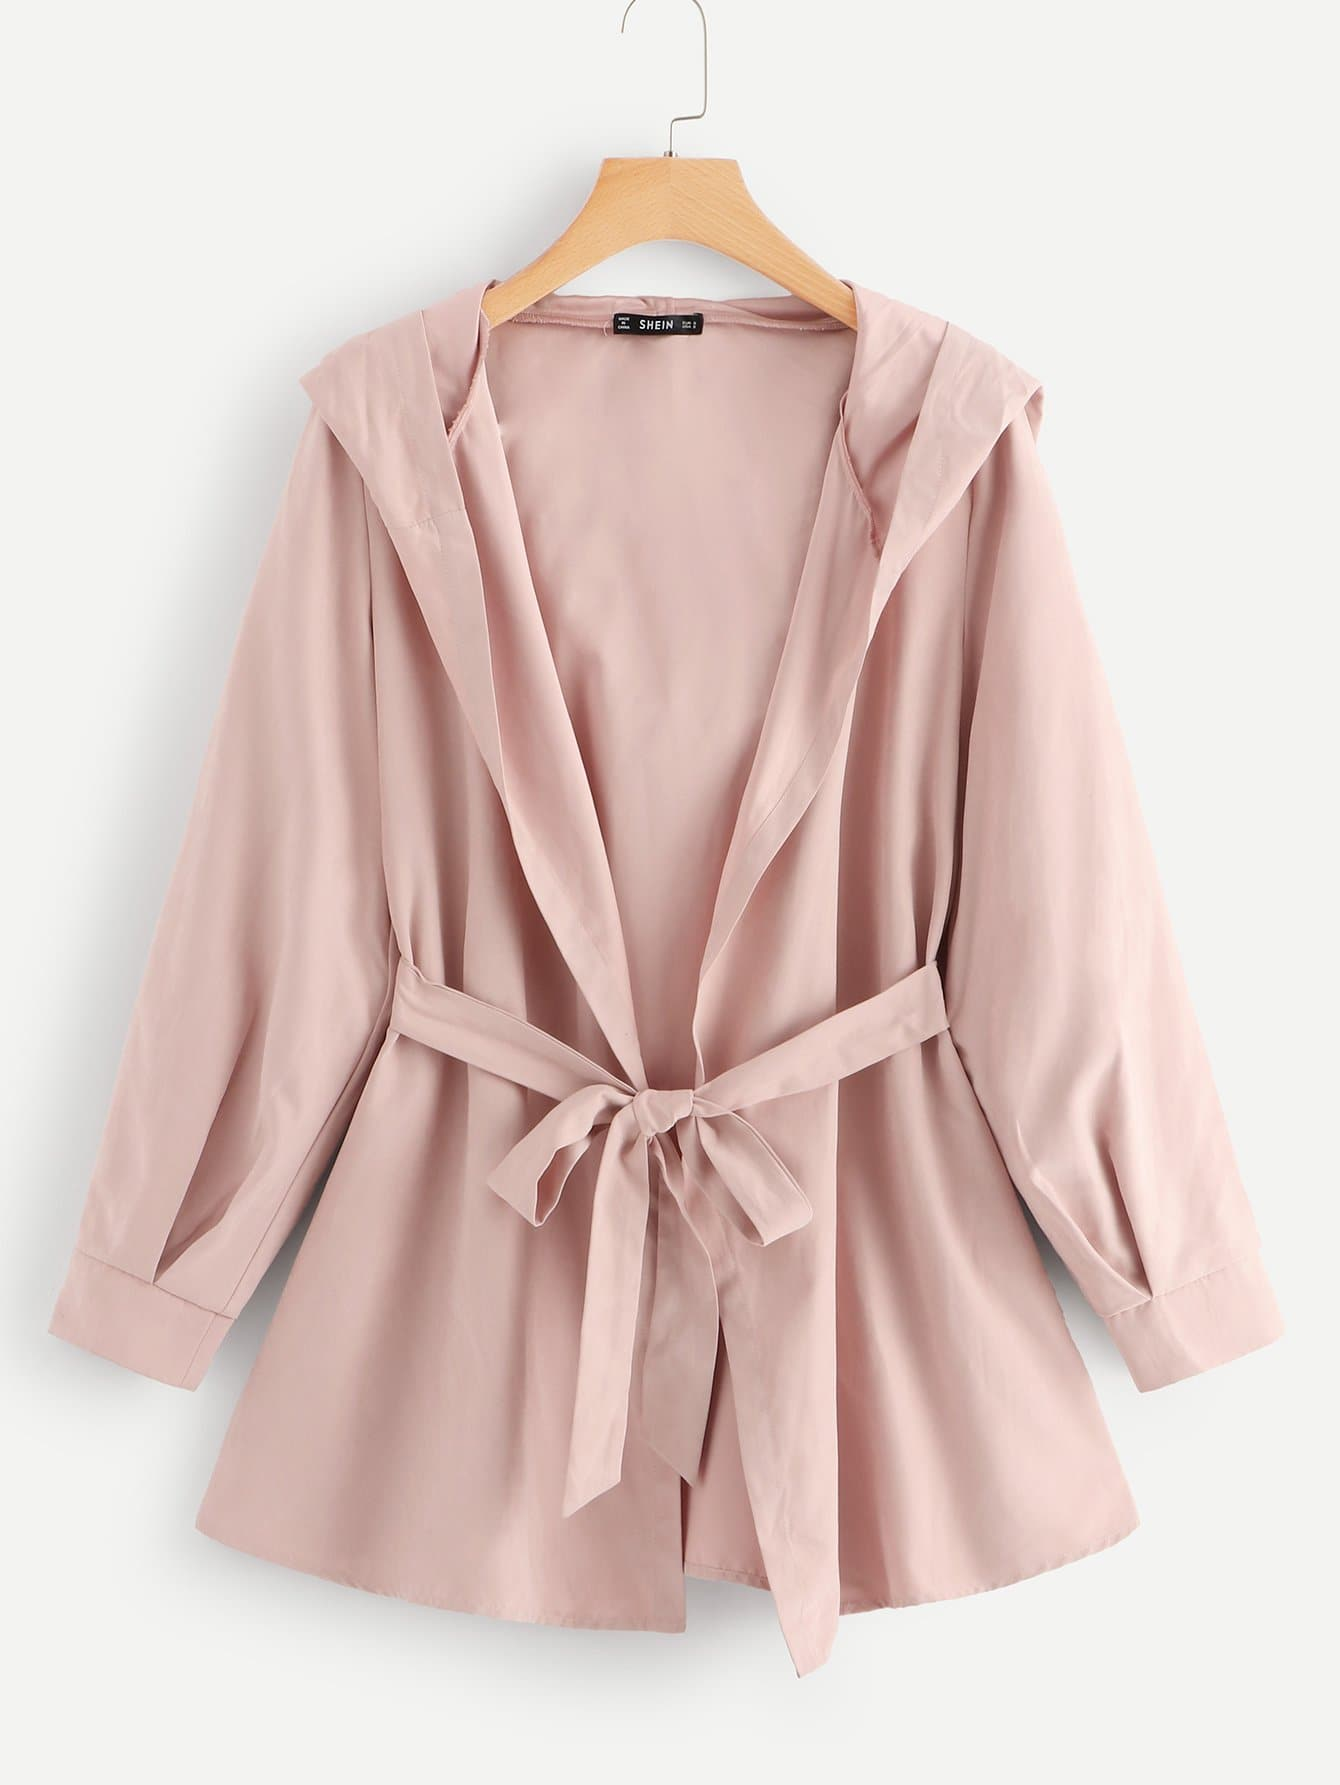 Простое пальто с капюшоном и поясом, null, SheIn  - купить со скидкой